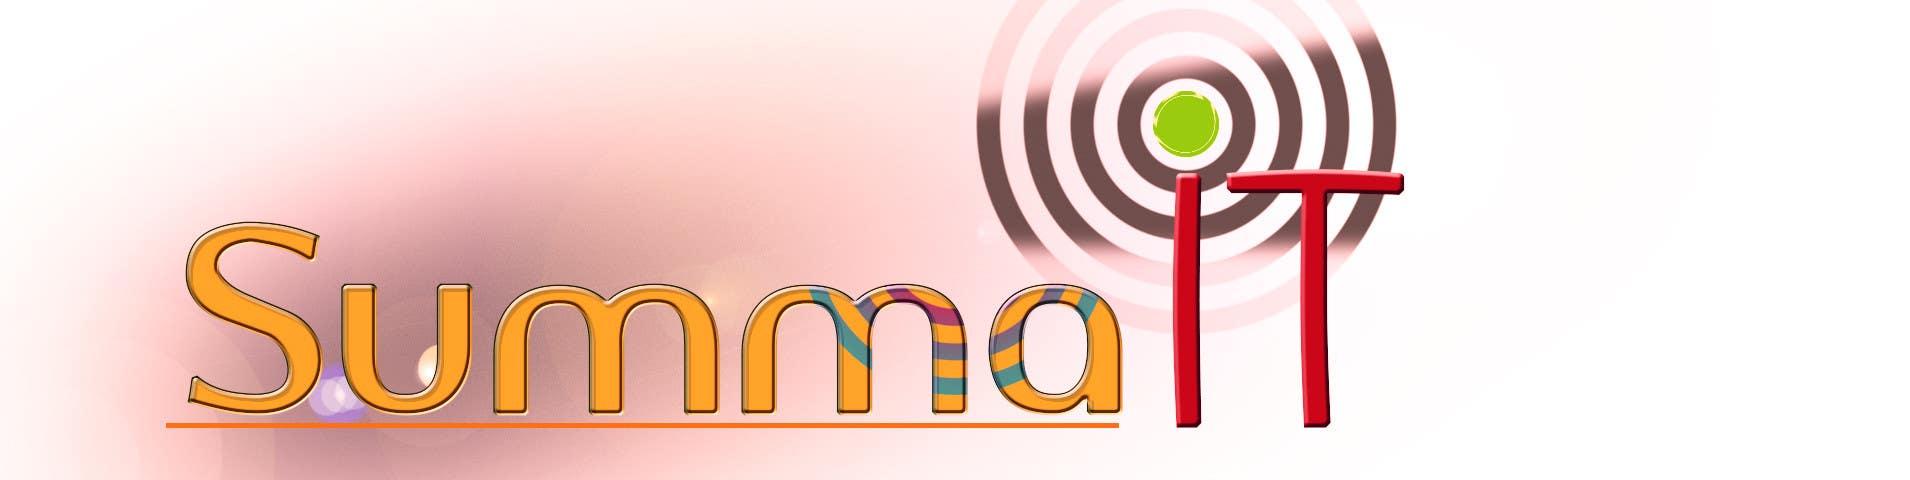 Bài tham dự cuộc thi #134 cho Logo Design